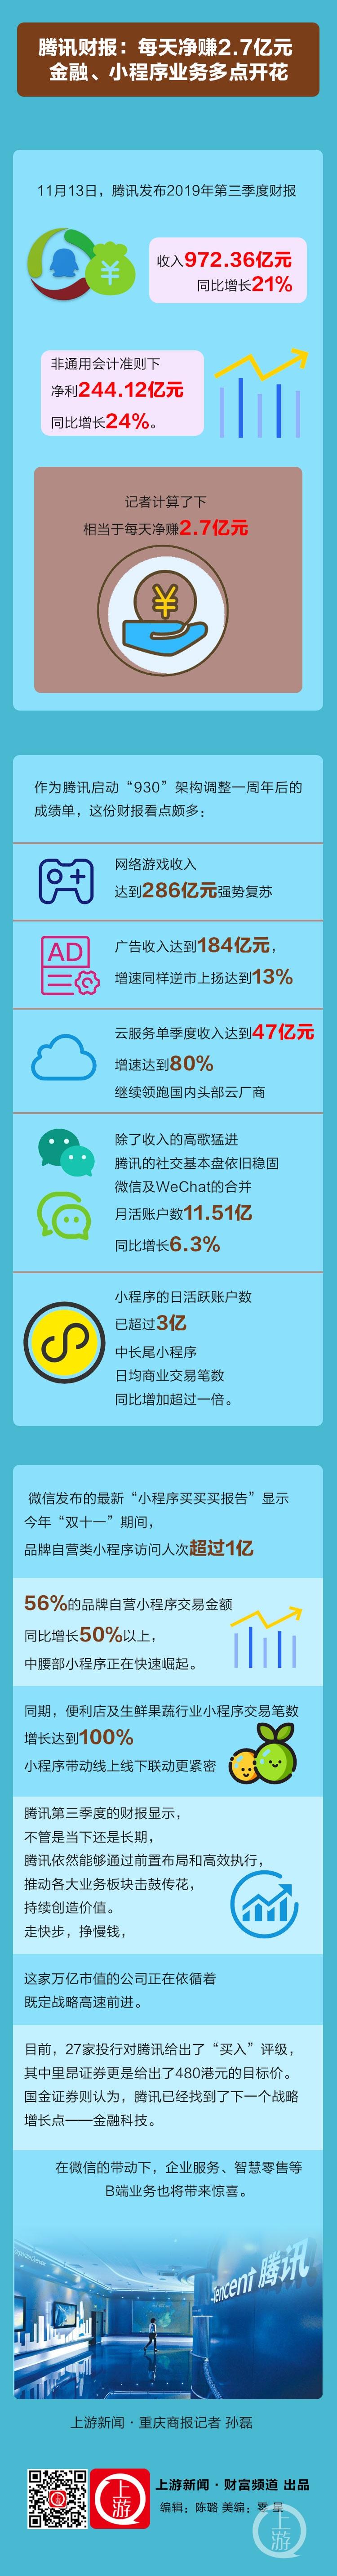 腾讯财报:每天净赚2.7亿元 金融、小程序业务多点开花